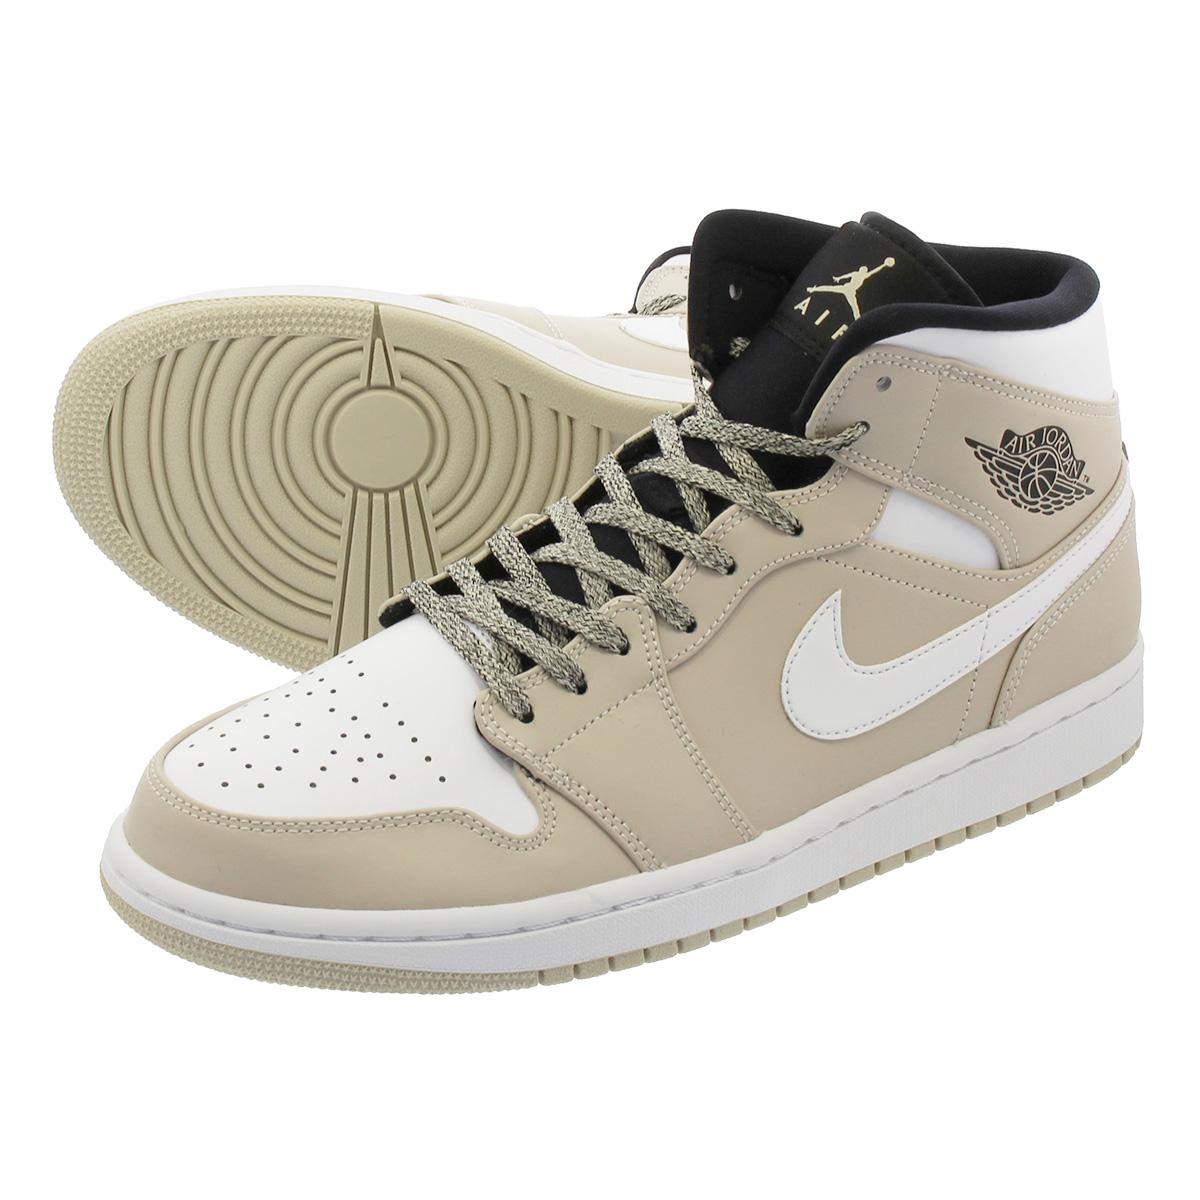 d44e545e08f18e LOWTEX PLUS  NIKE AIR JORDAN 1 MID Nike Air Jordan 1 mid DESERT SAND ...